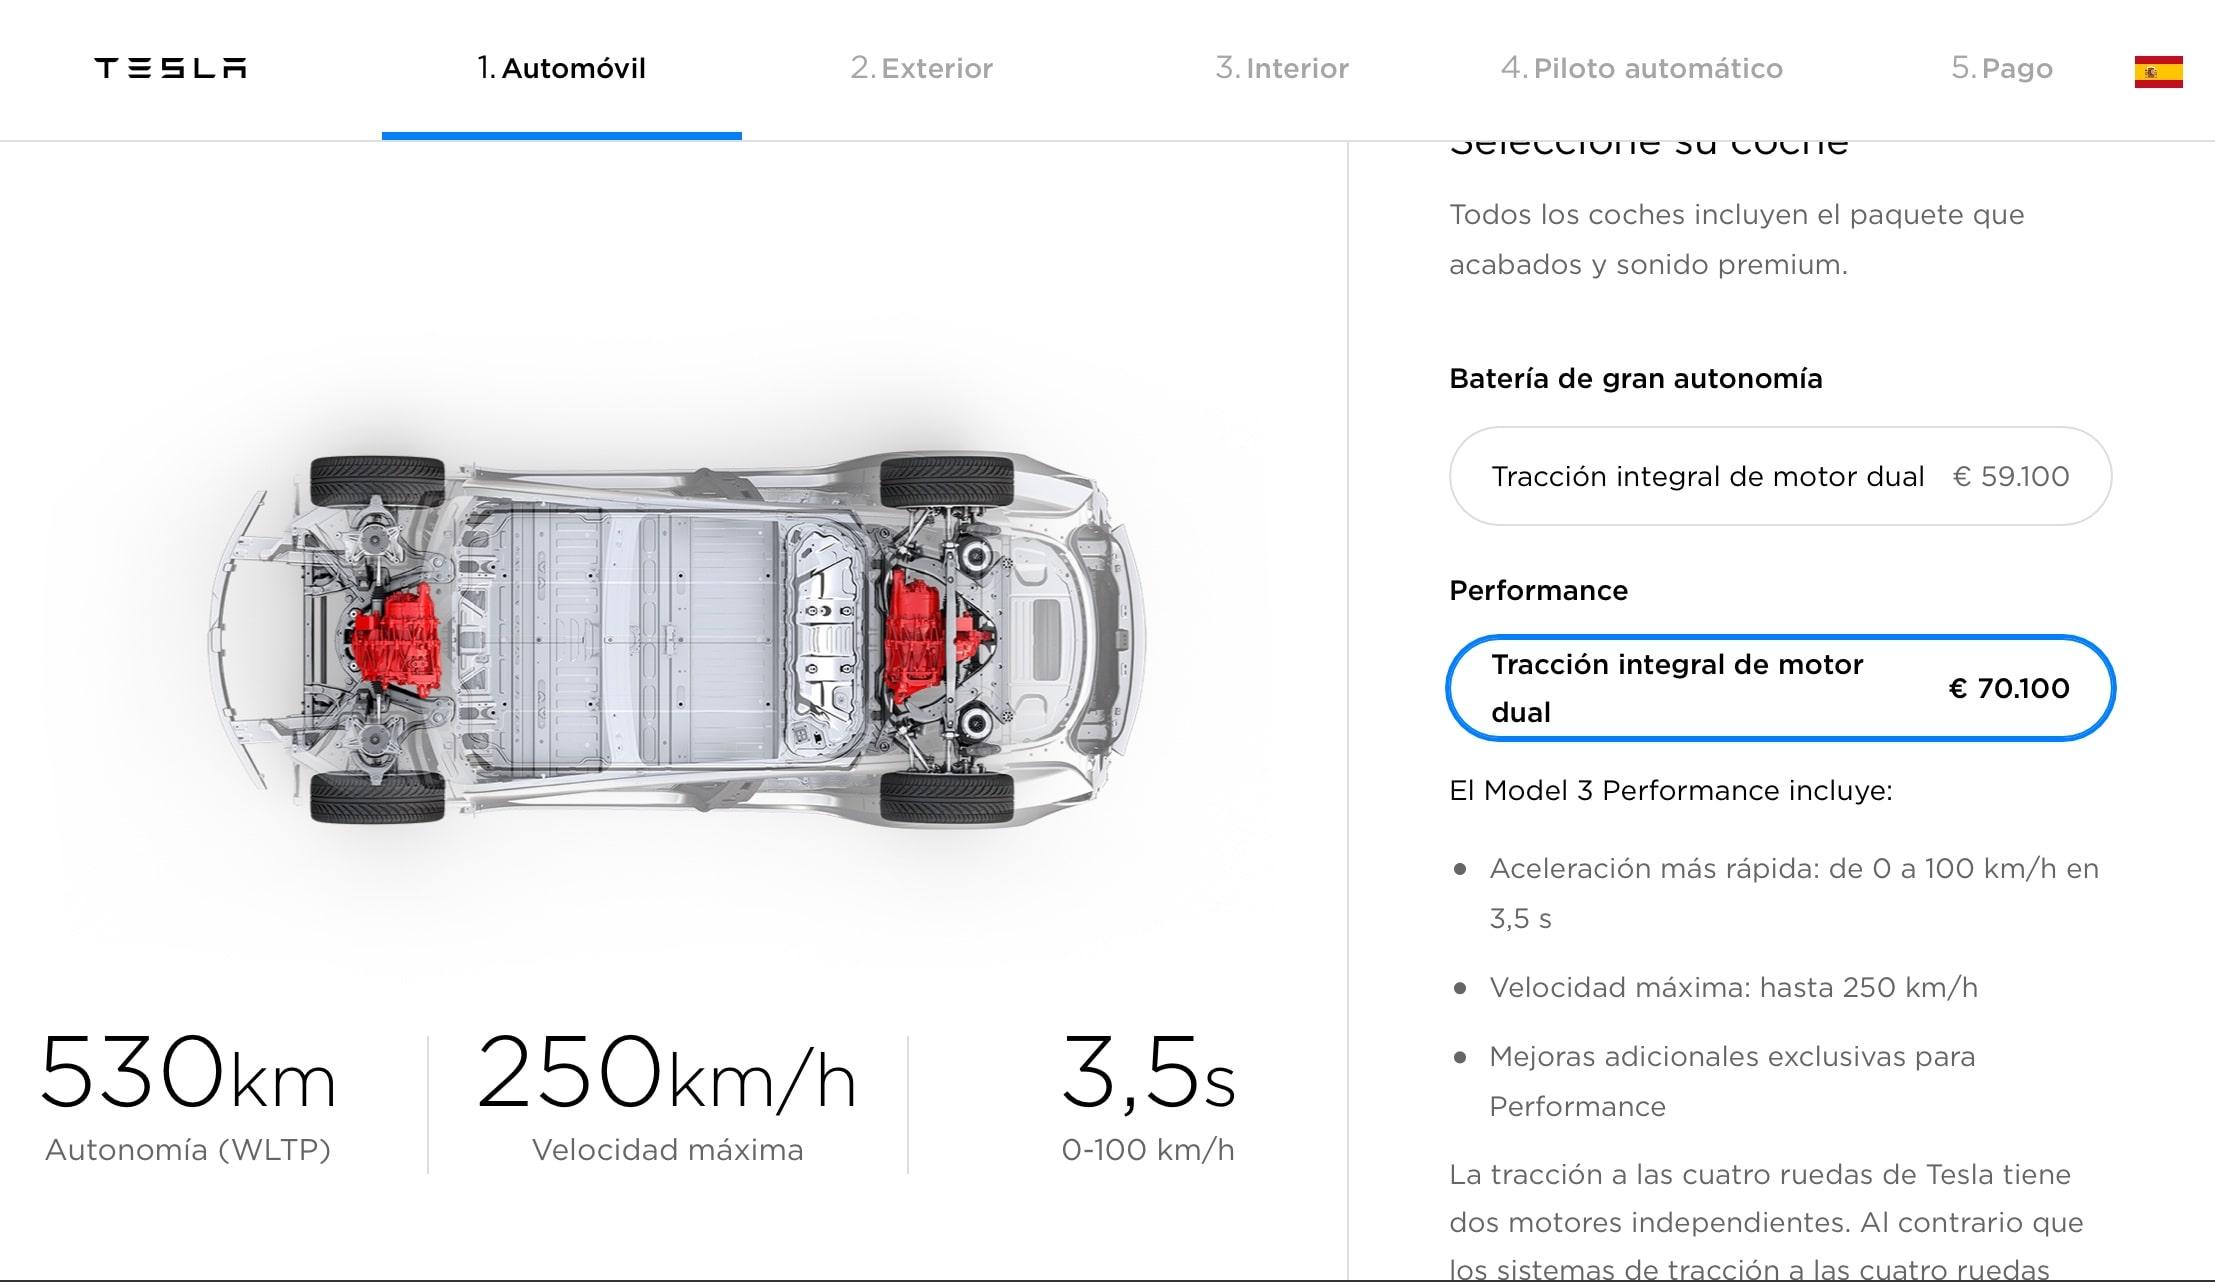 configuración y precios del model 3 en españa